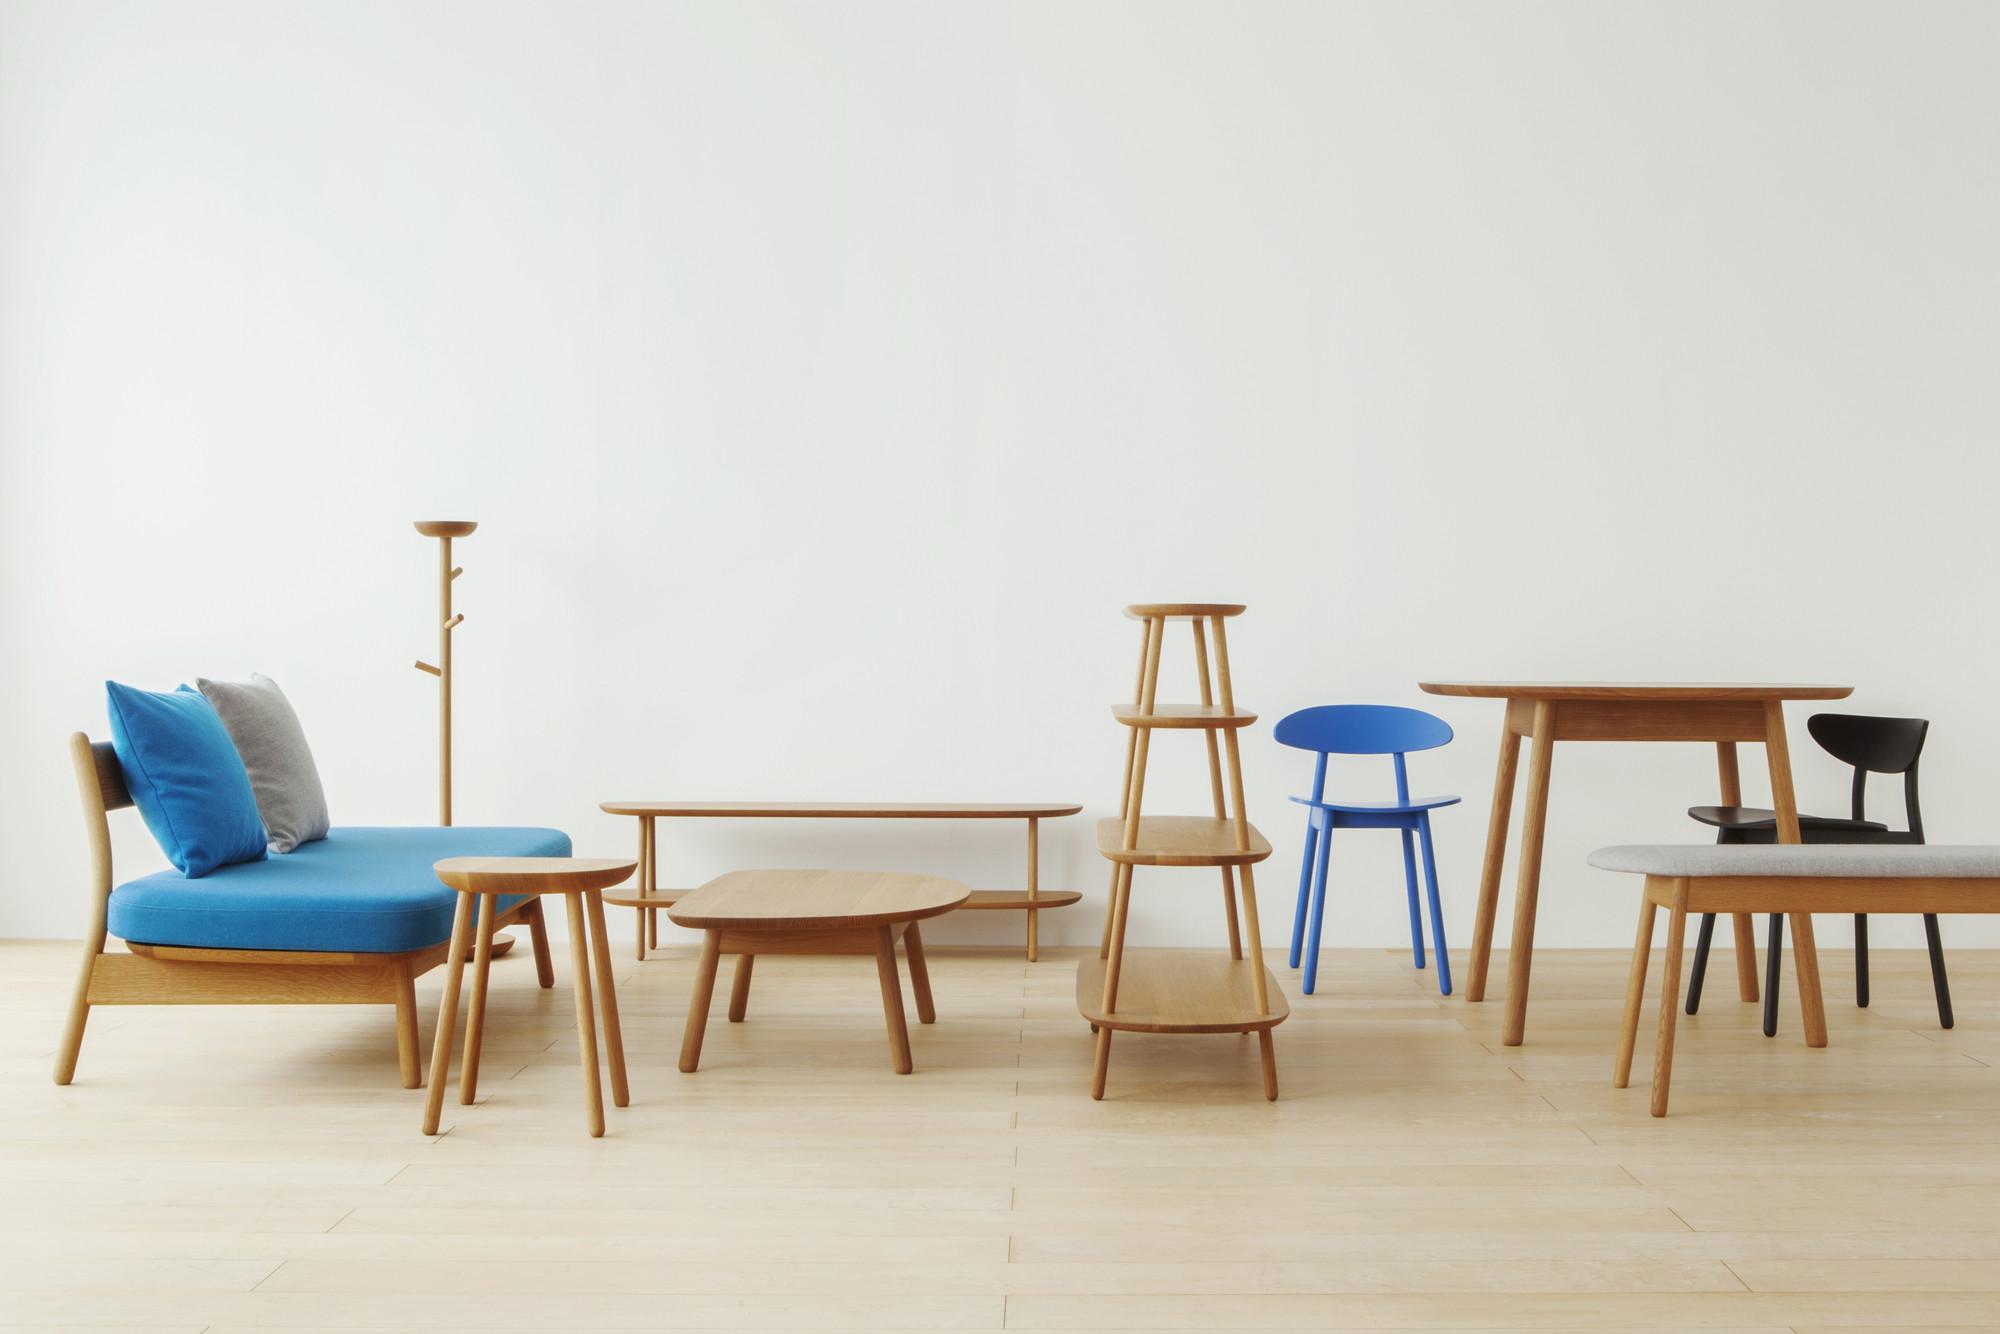 Serie Cobrina / Torafu Architects, © yoshitsugu fuminari